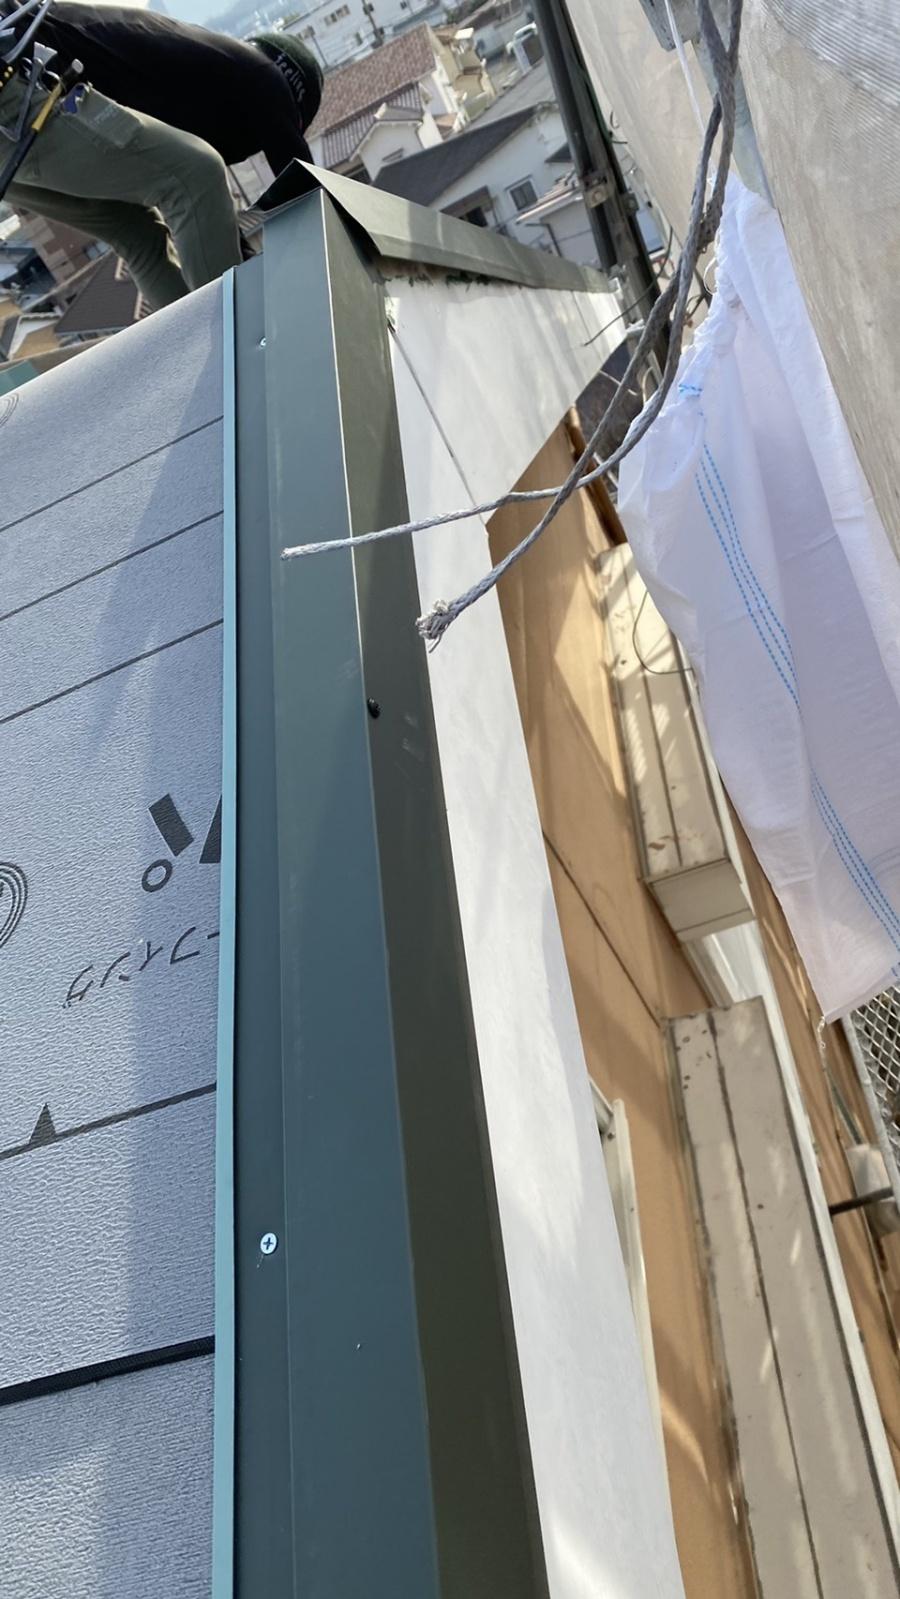 神戸市垂水区での金属屋根葺きでケラバ板金を取りつけている様子